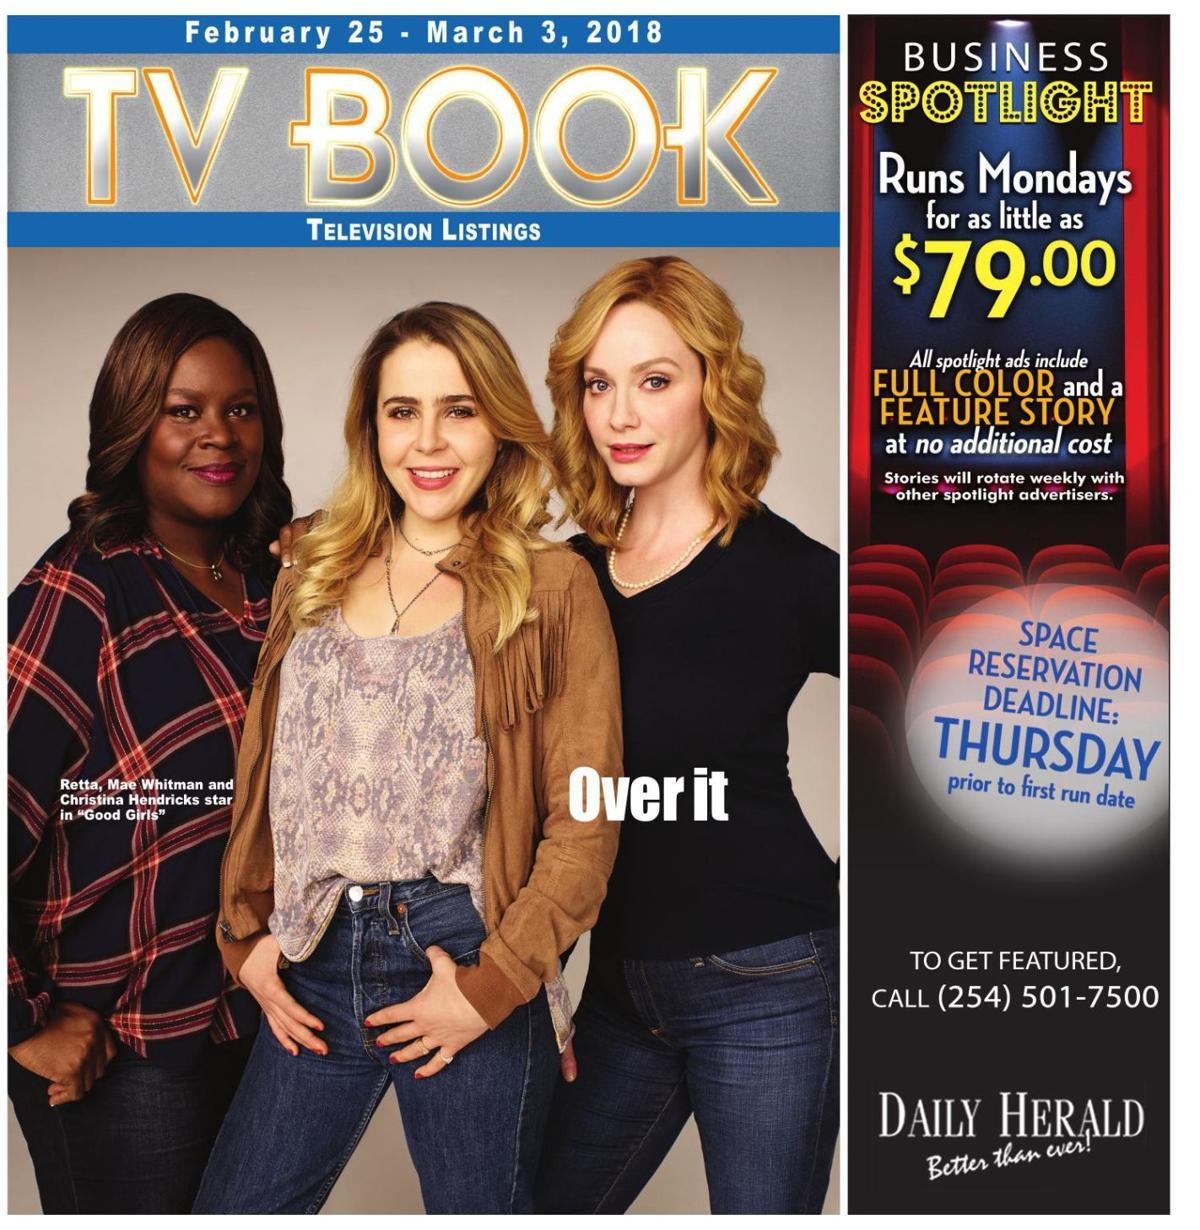 TV Book ~ Feb 25th - Mar 3rd